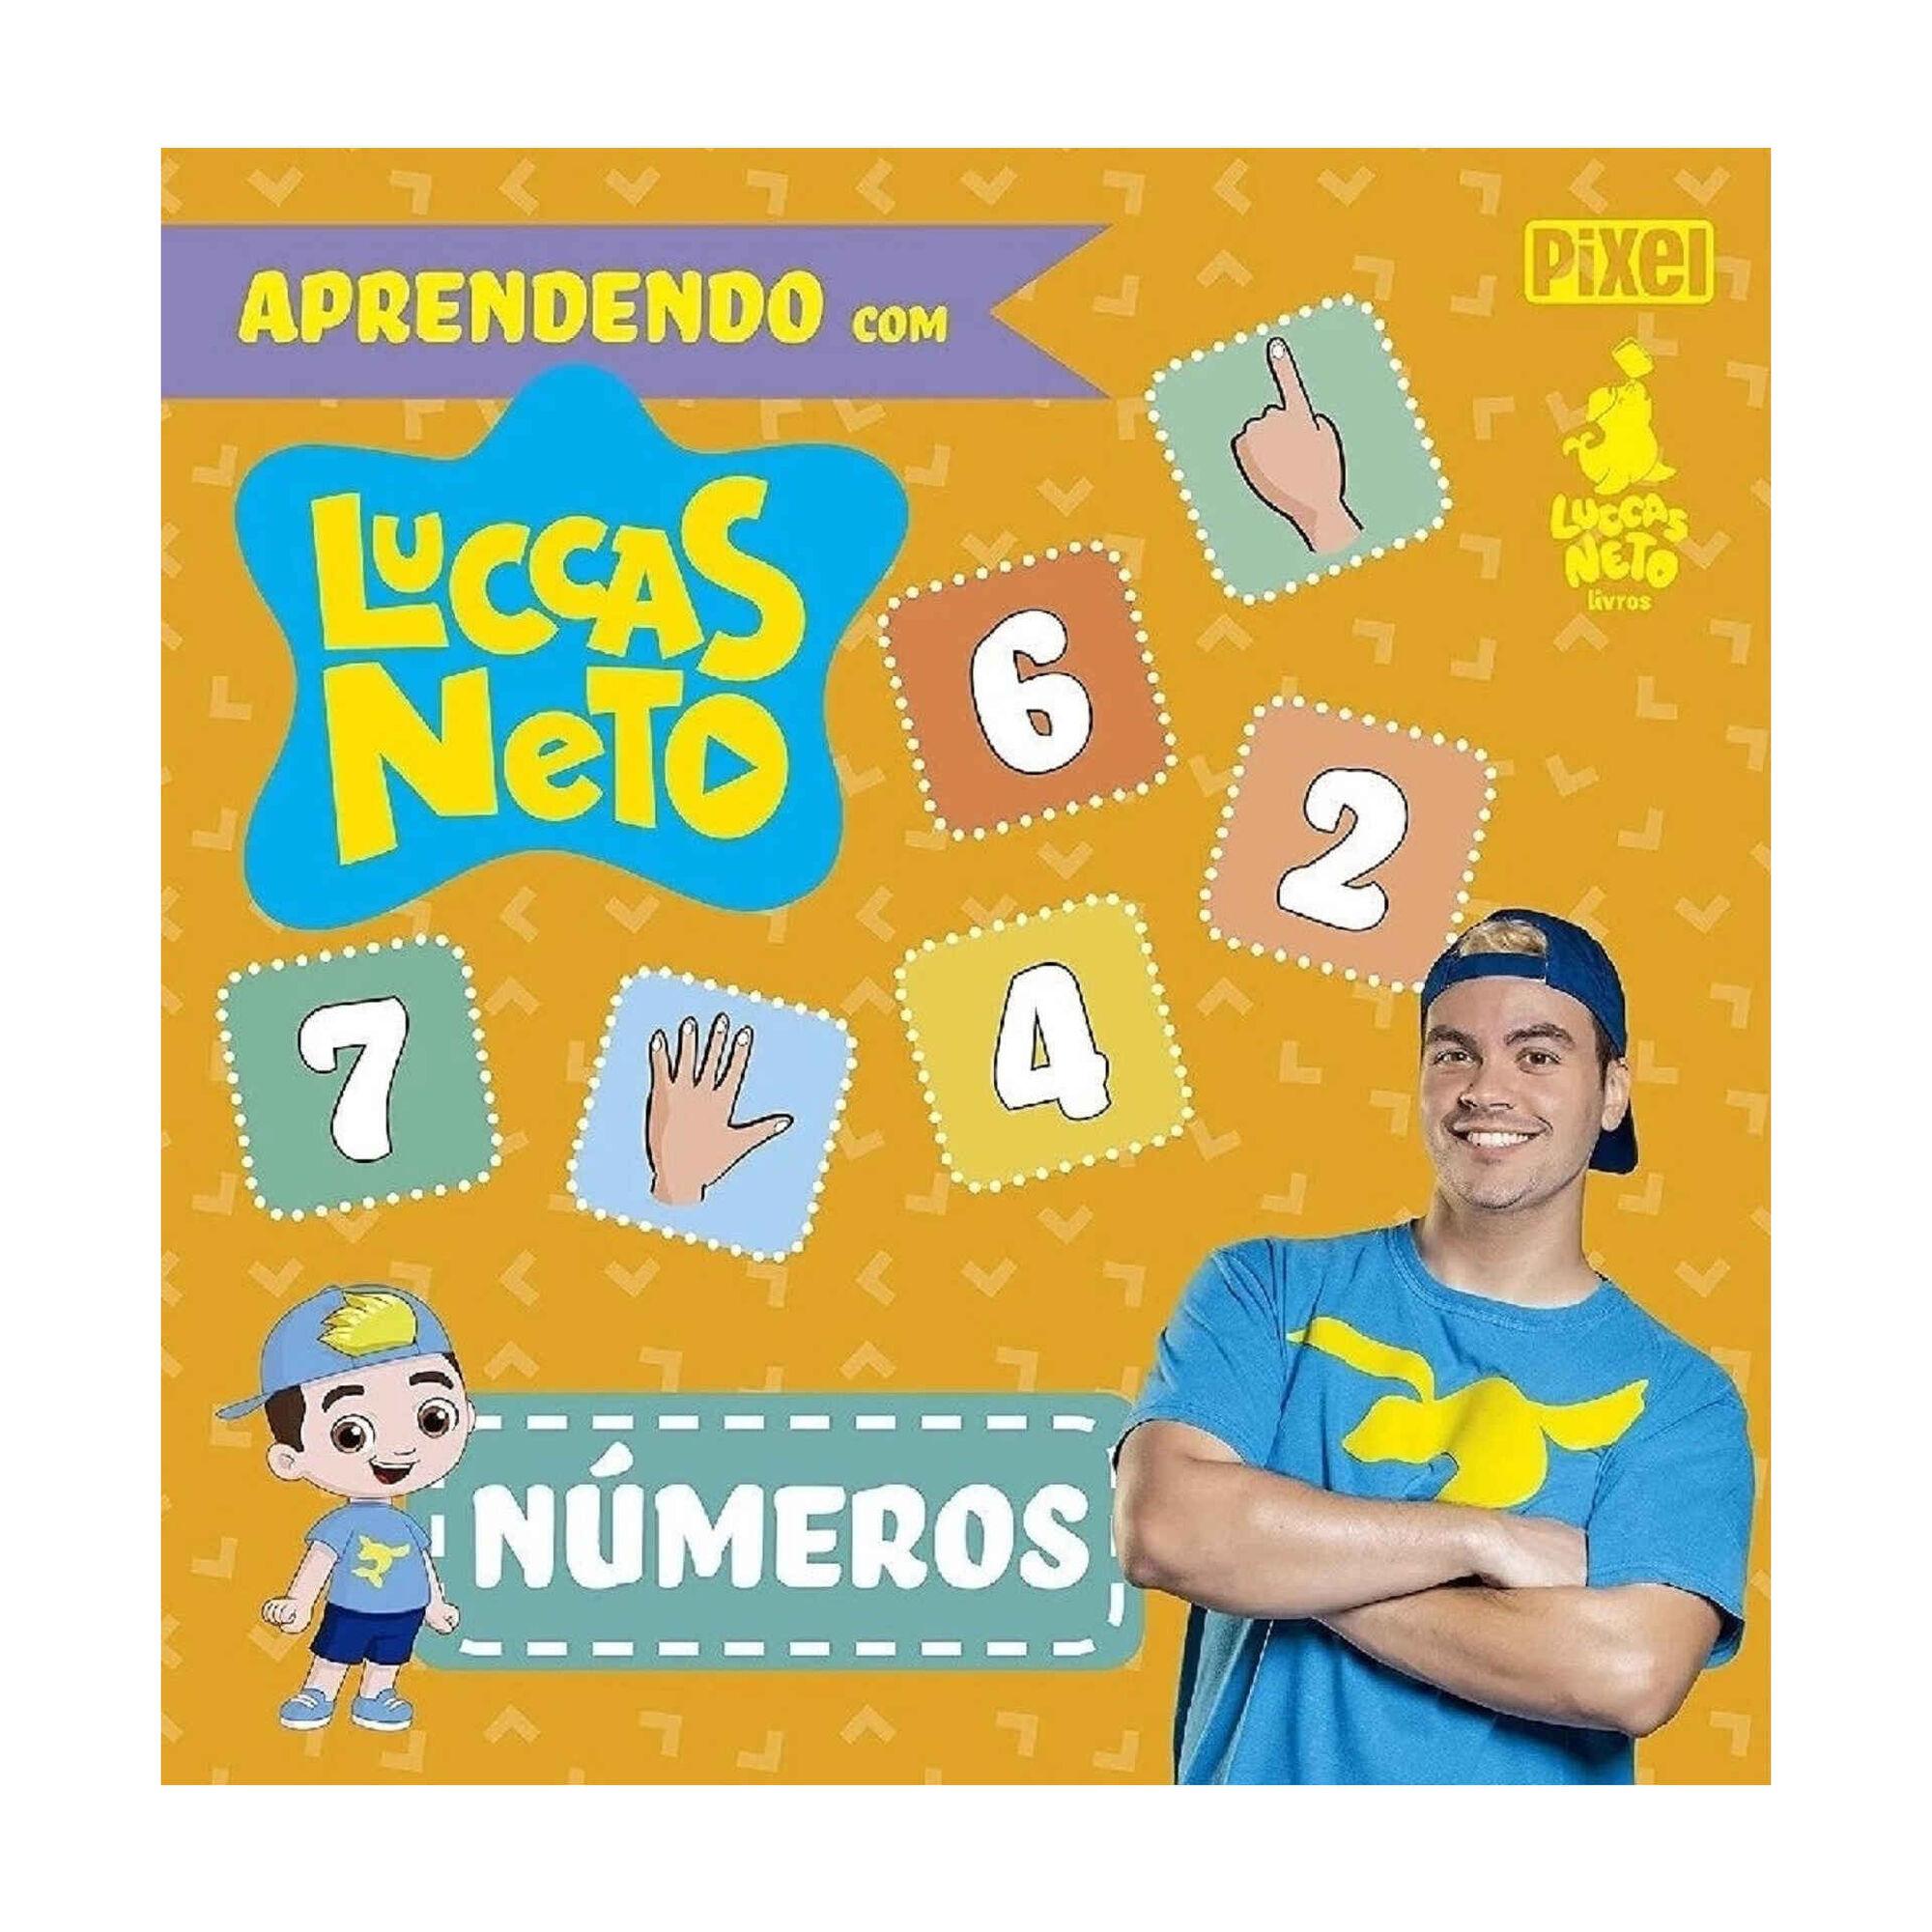 Aprendendo com Luccas Neto - Números